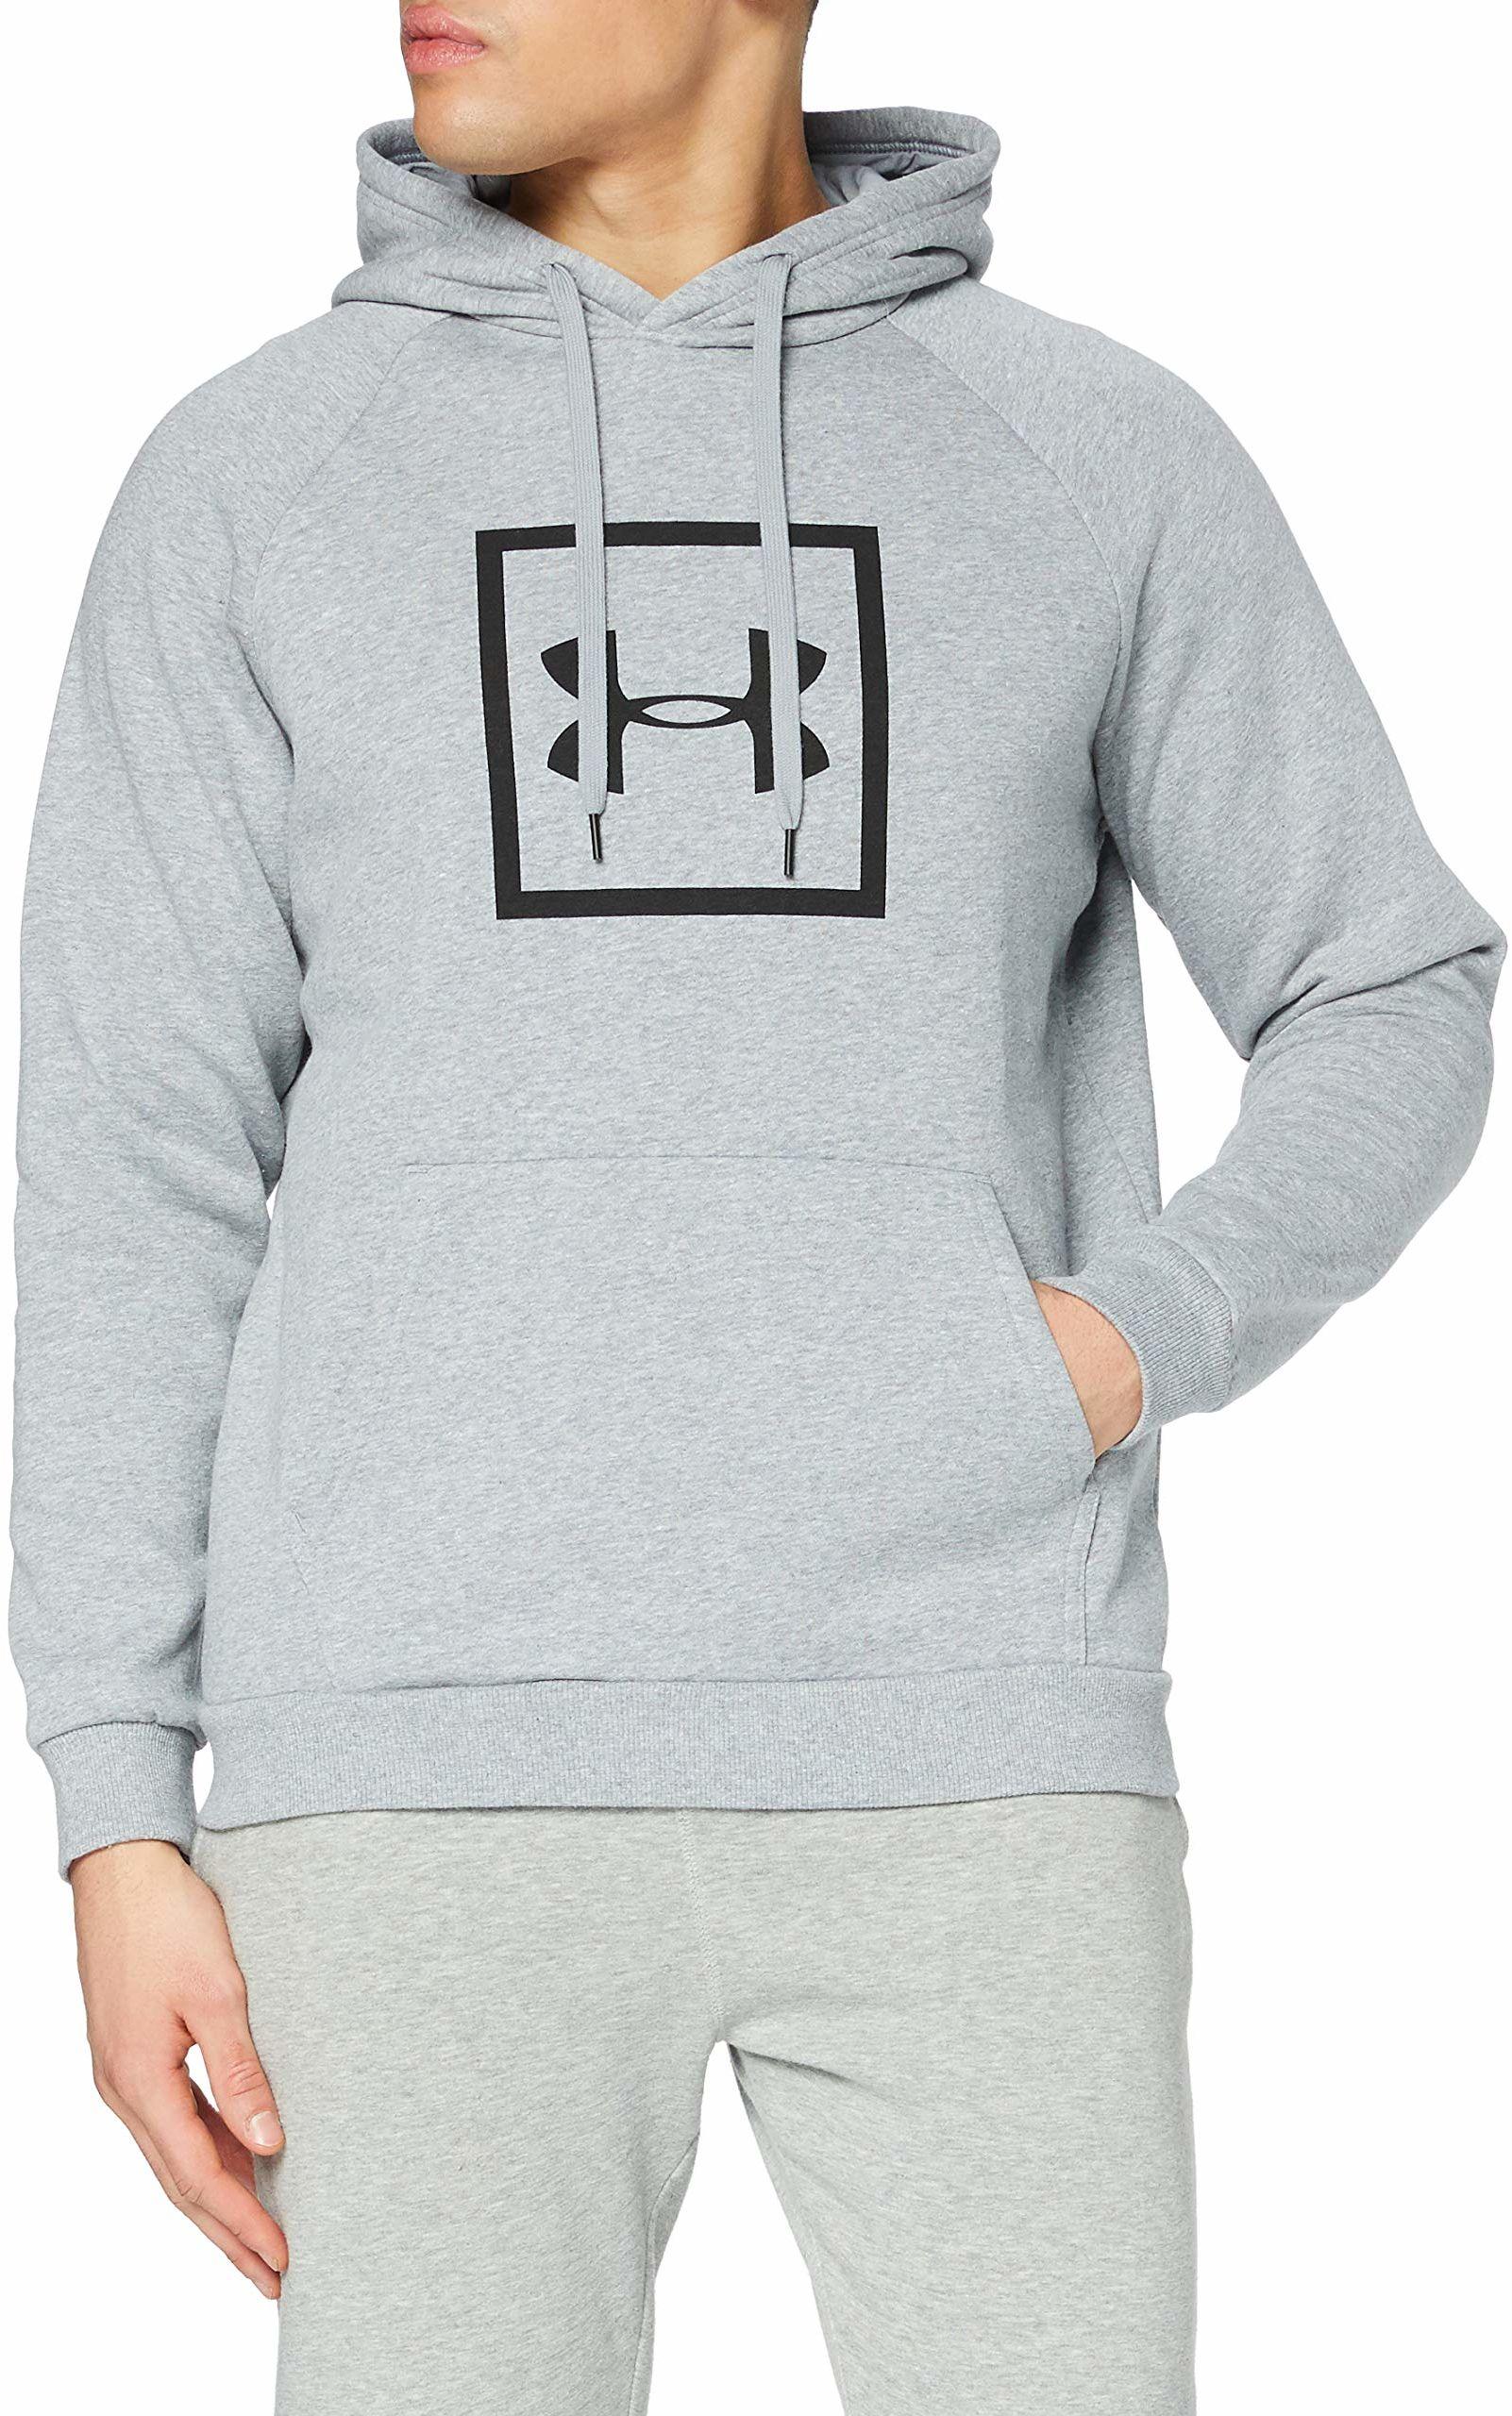 Under Armour męska rywala polarowa pudełko logo bluza z kapturem do biegania z graficznym logo, sweter z kapturem dla mężczyzn z kieszenią szary S